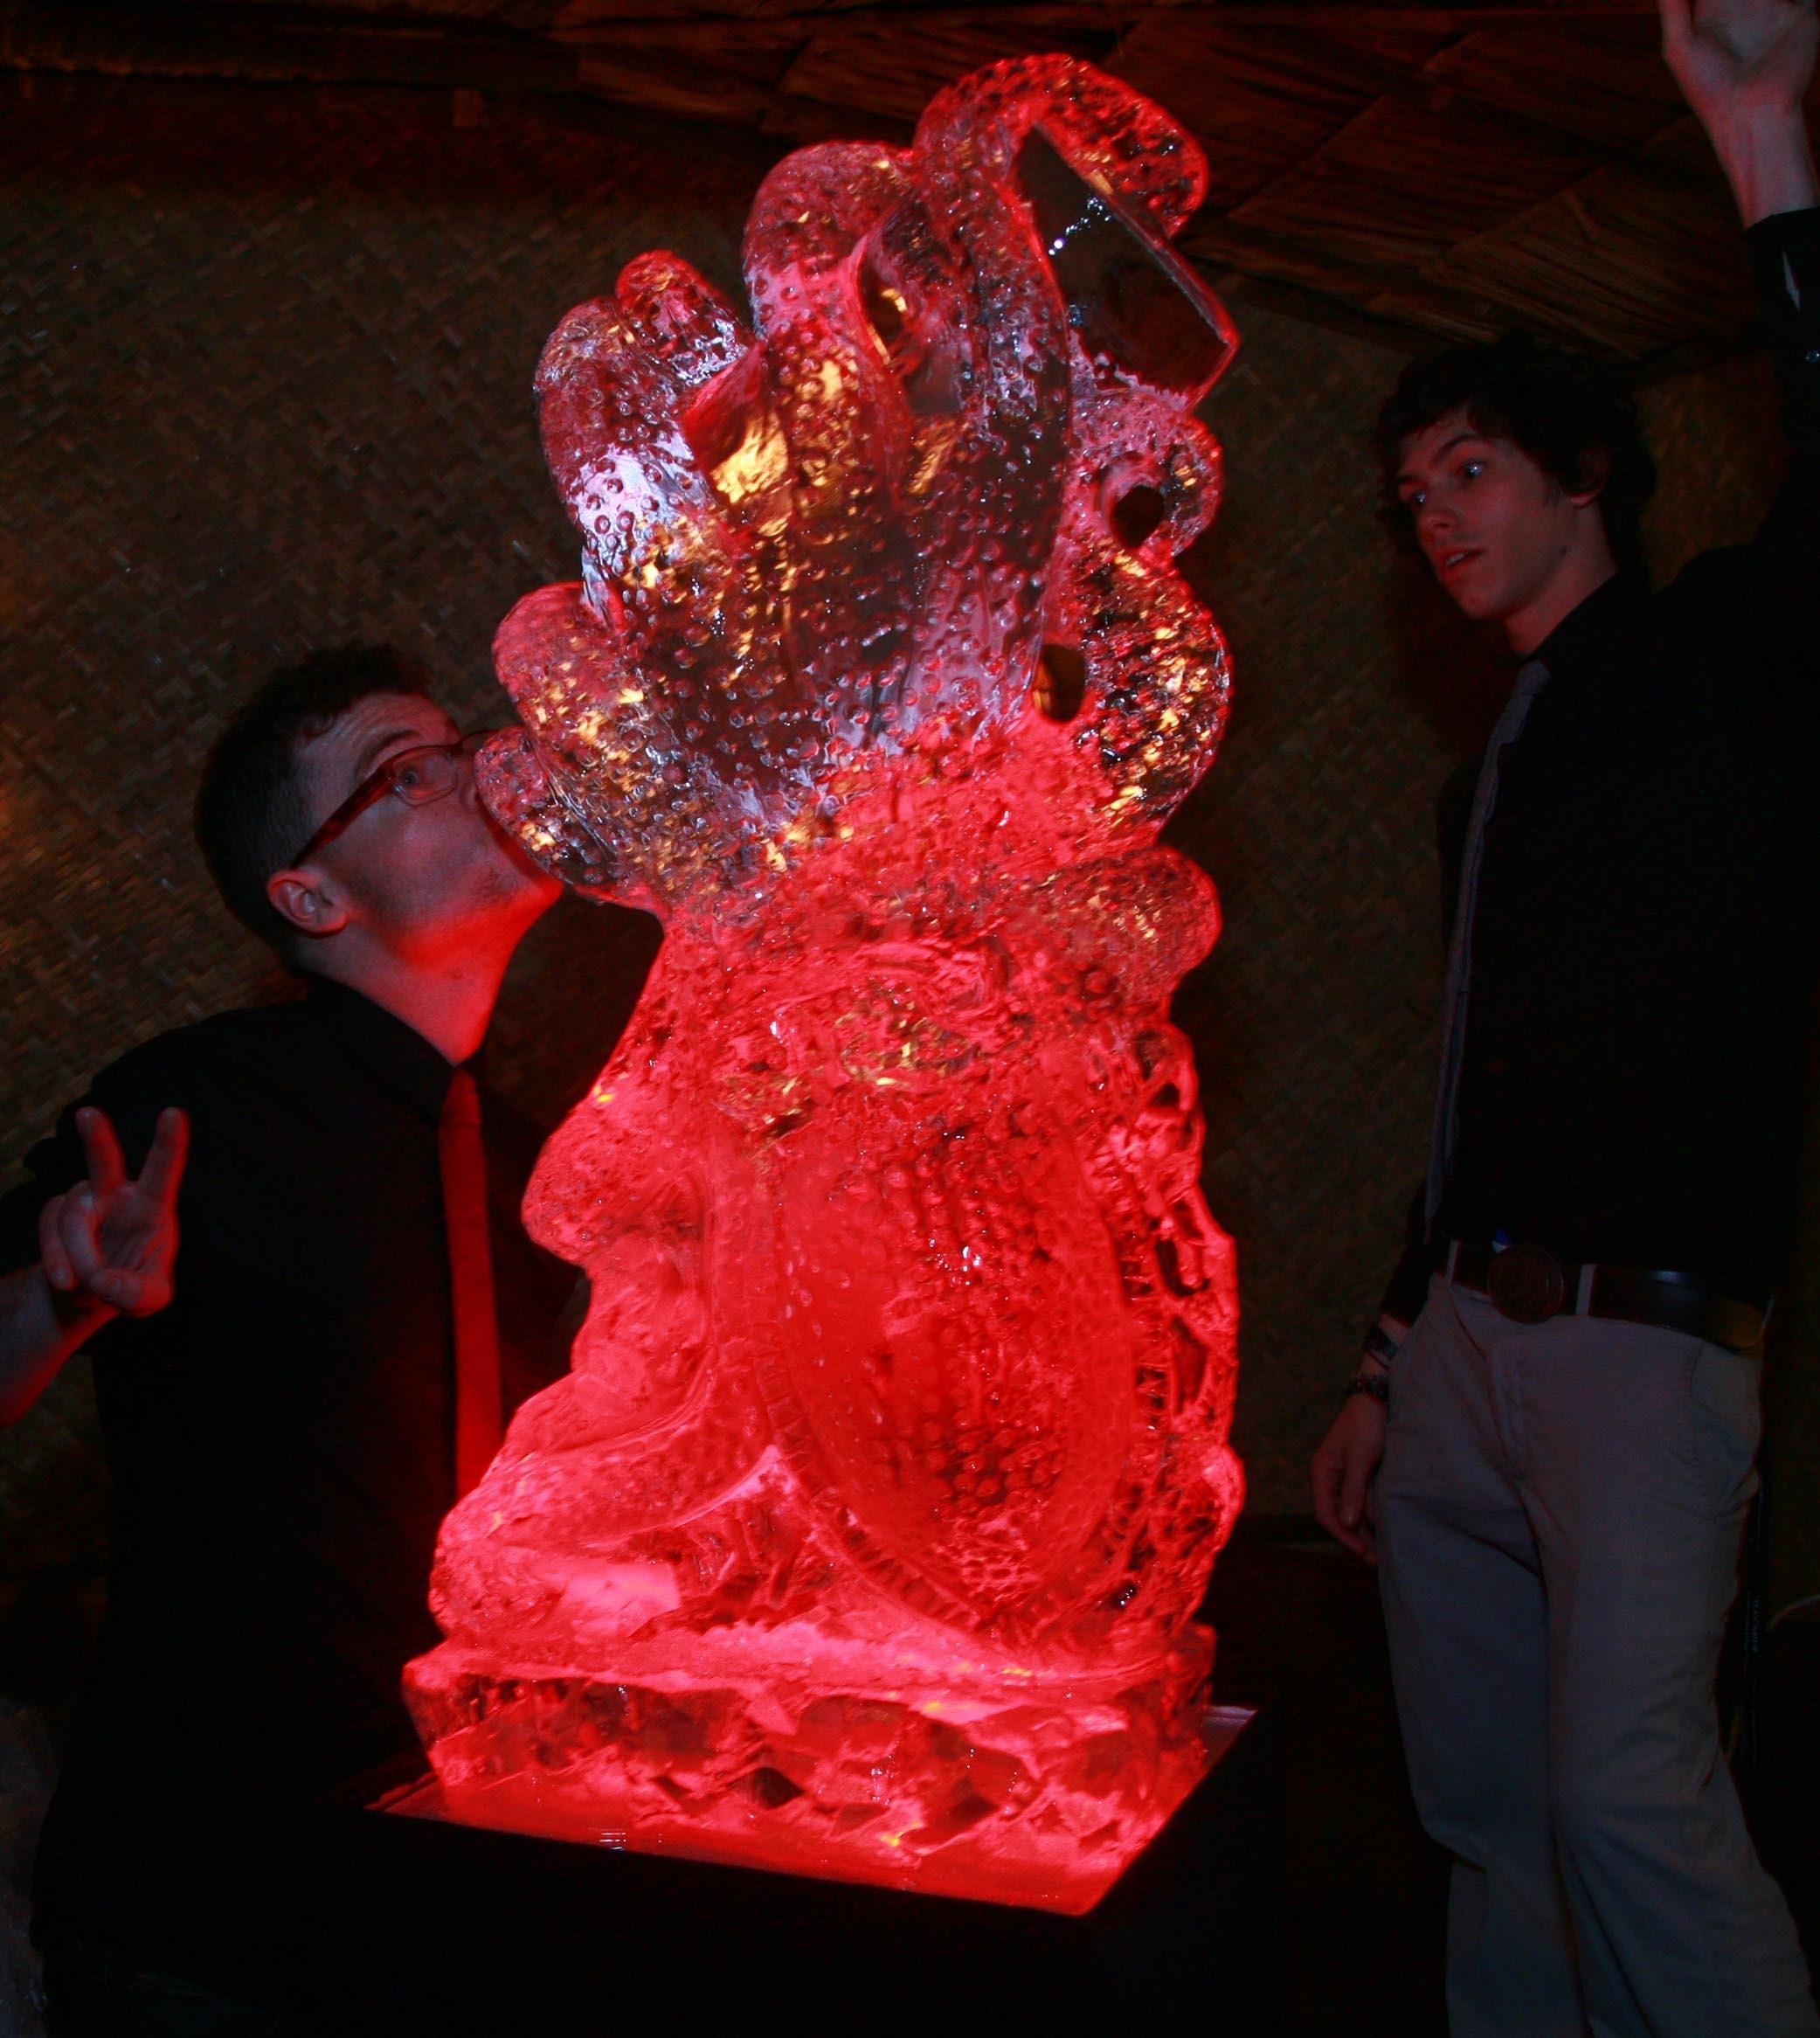 The Kraken Rum Vodka Luge Ice Sculpture